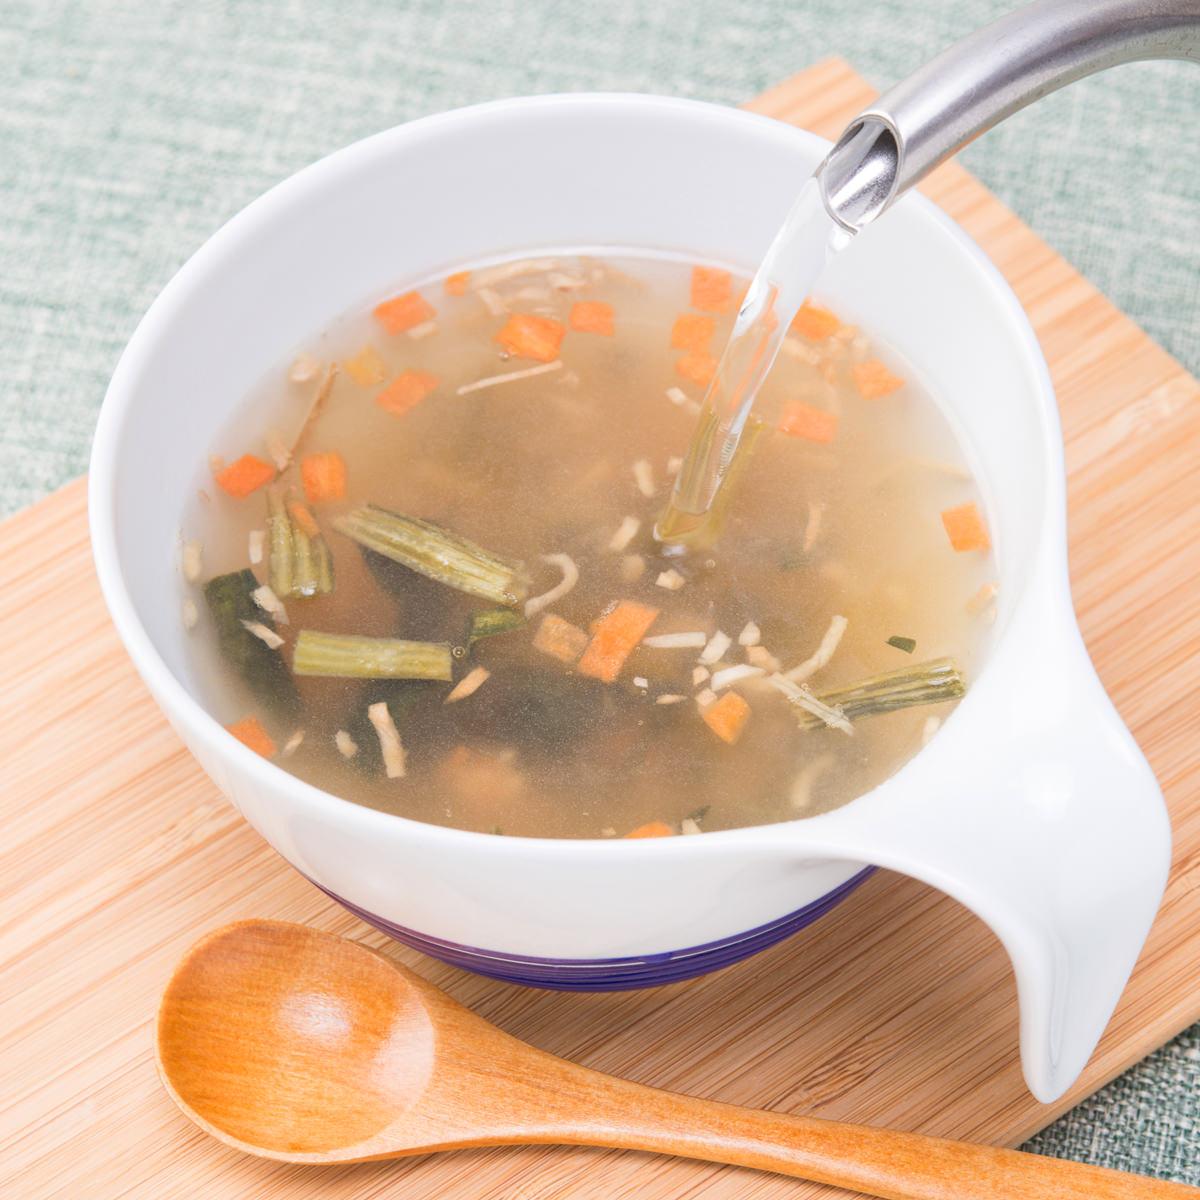 福山酢醸造 黒酢と生姜のスープ〔5.8g×20〕